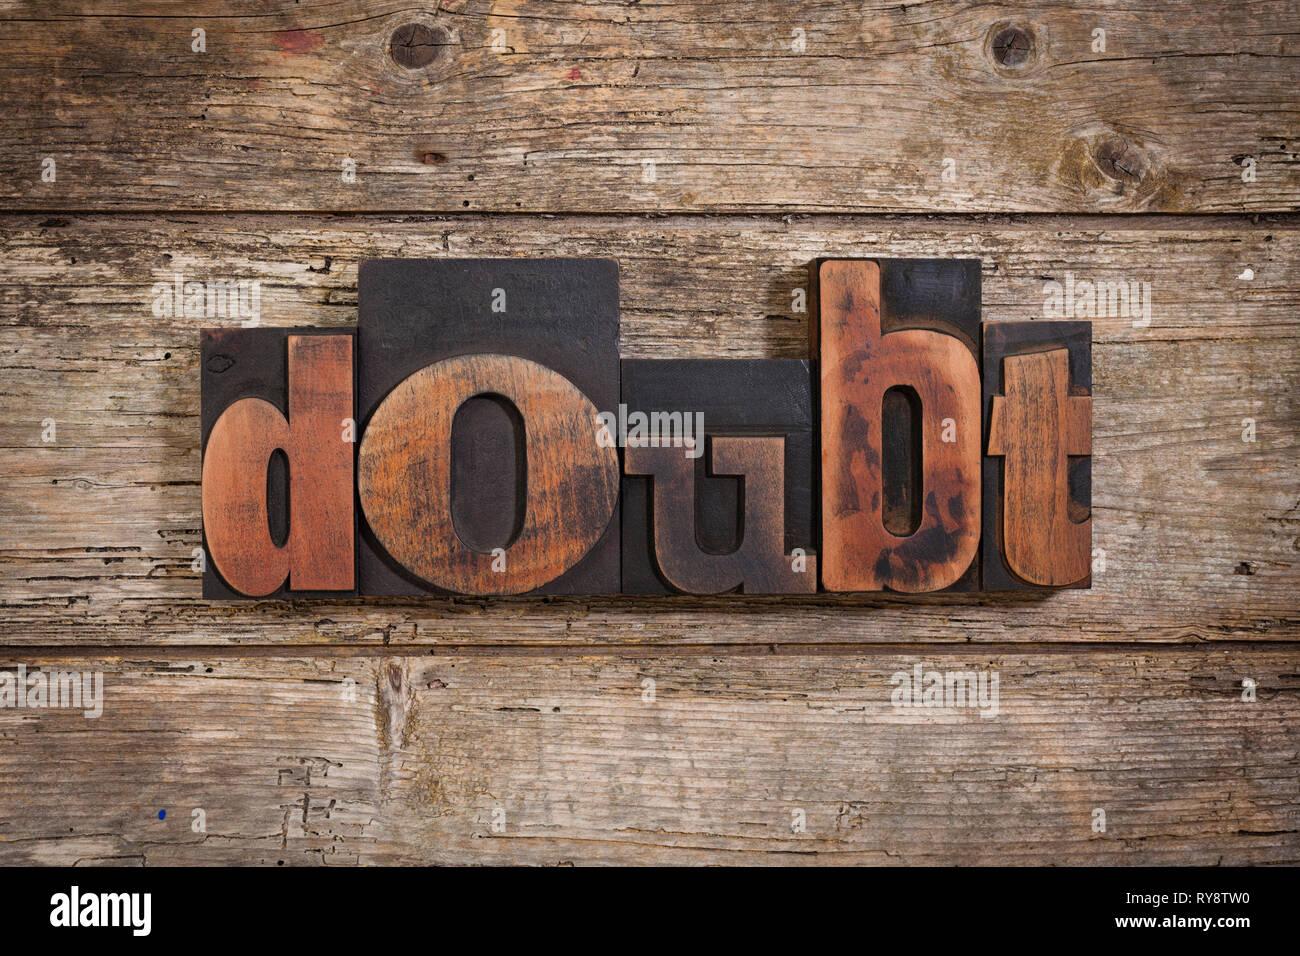 Zweifel, einzelnes Wort mit Vintage Buchdruck Blöcke auf rustikalen Holzmöbeln Hintergrund Stockbild